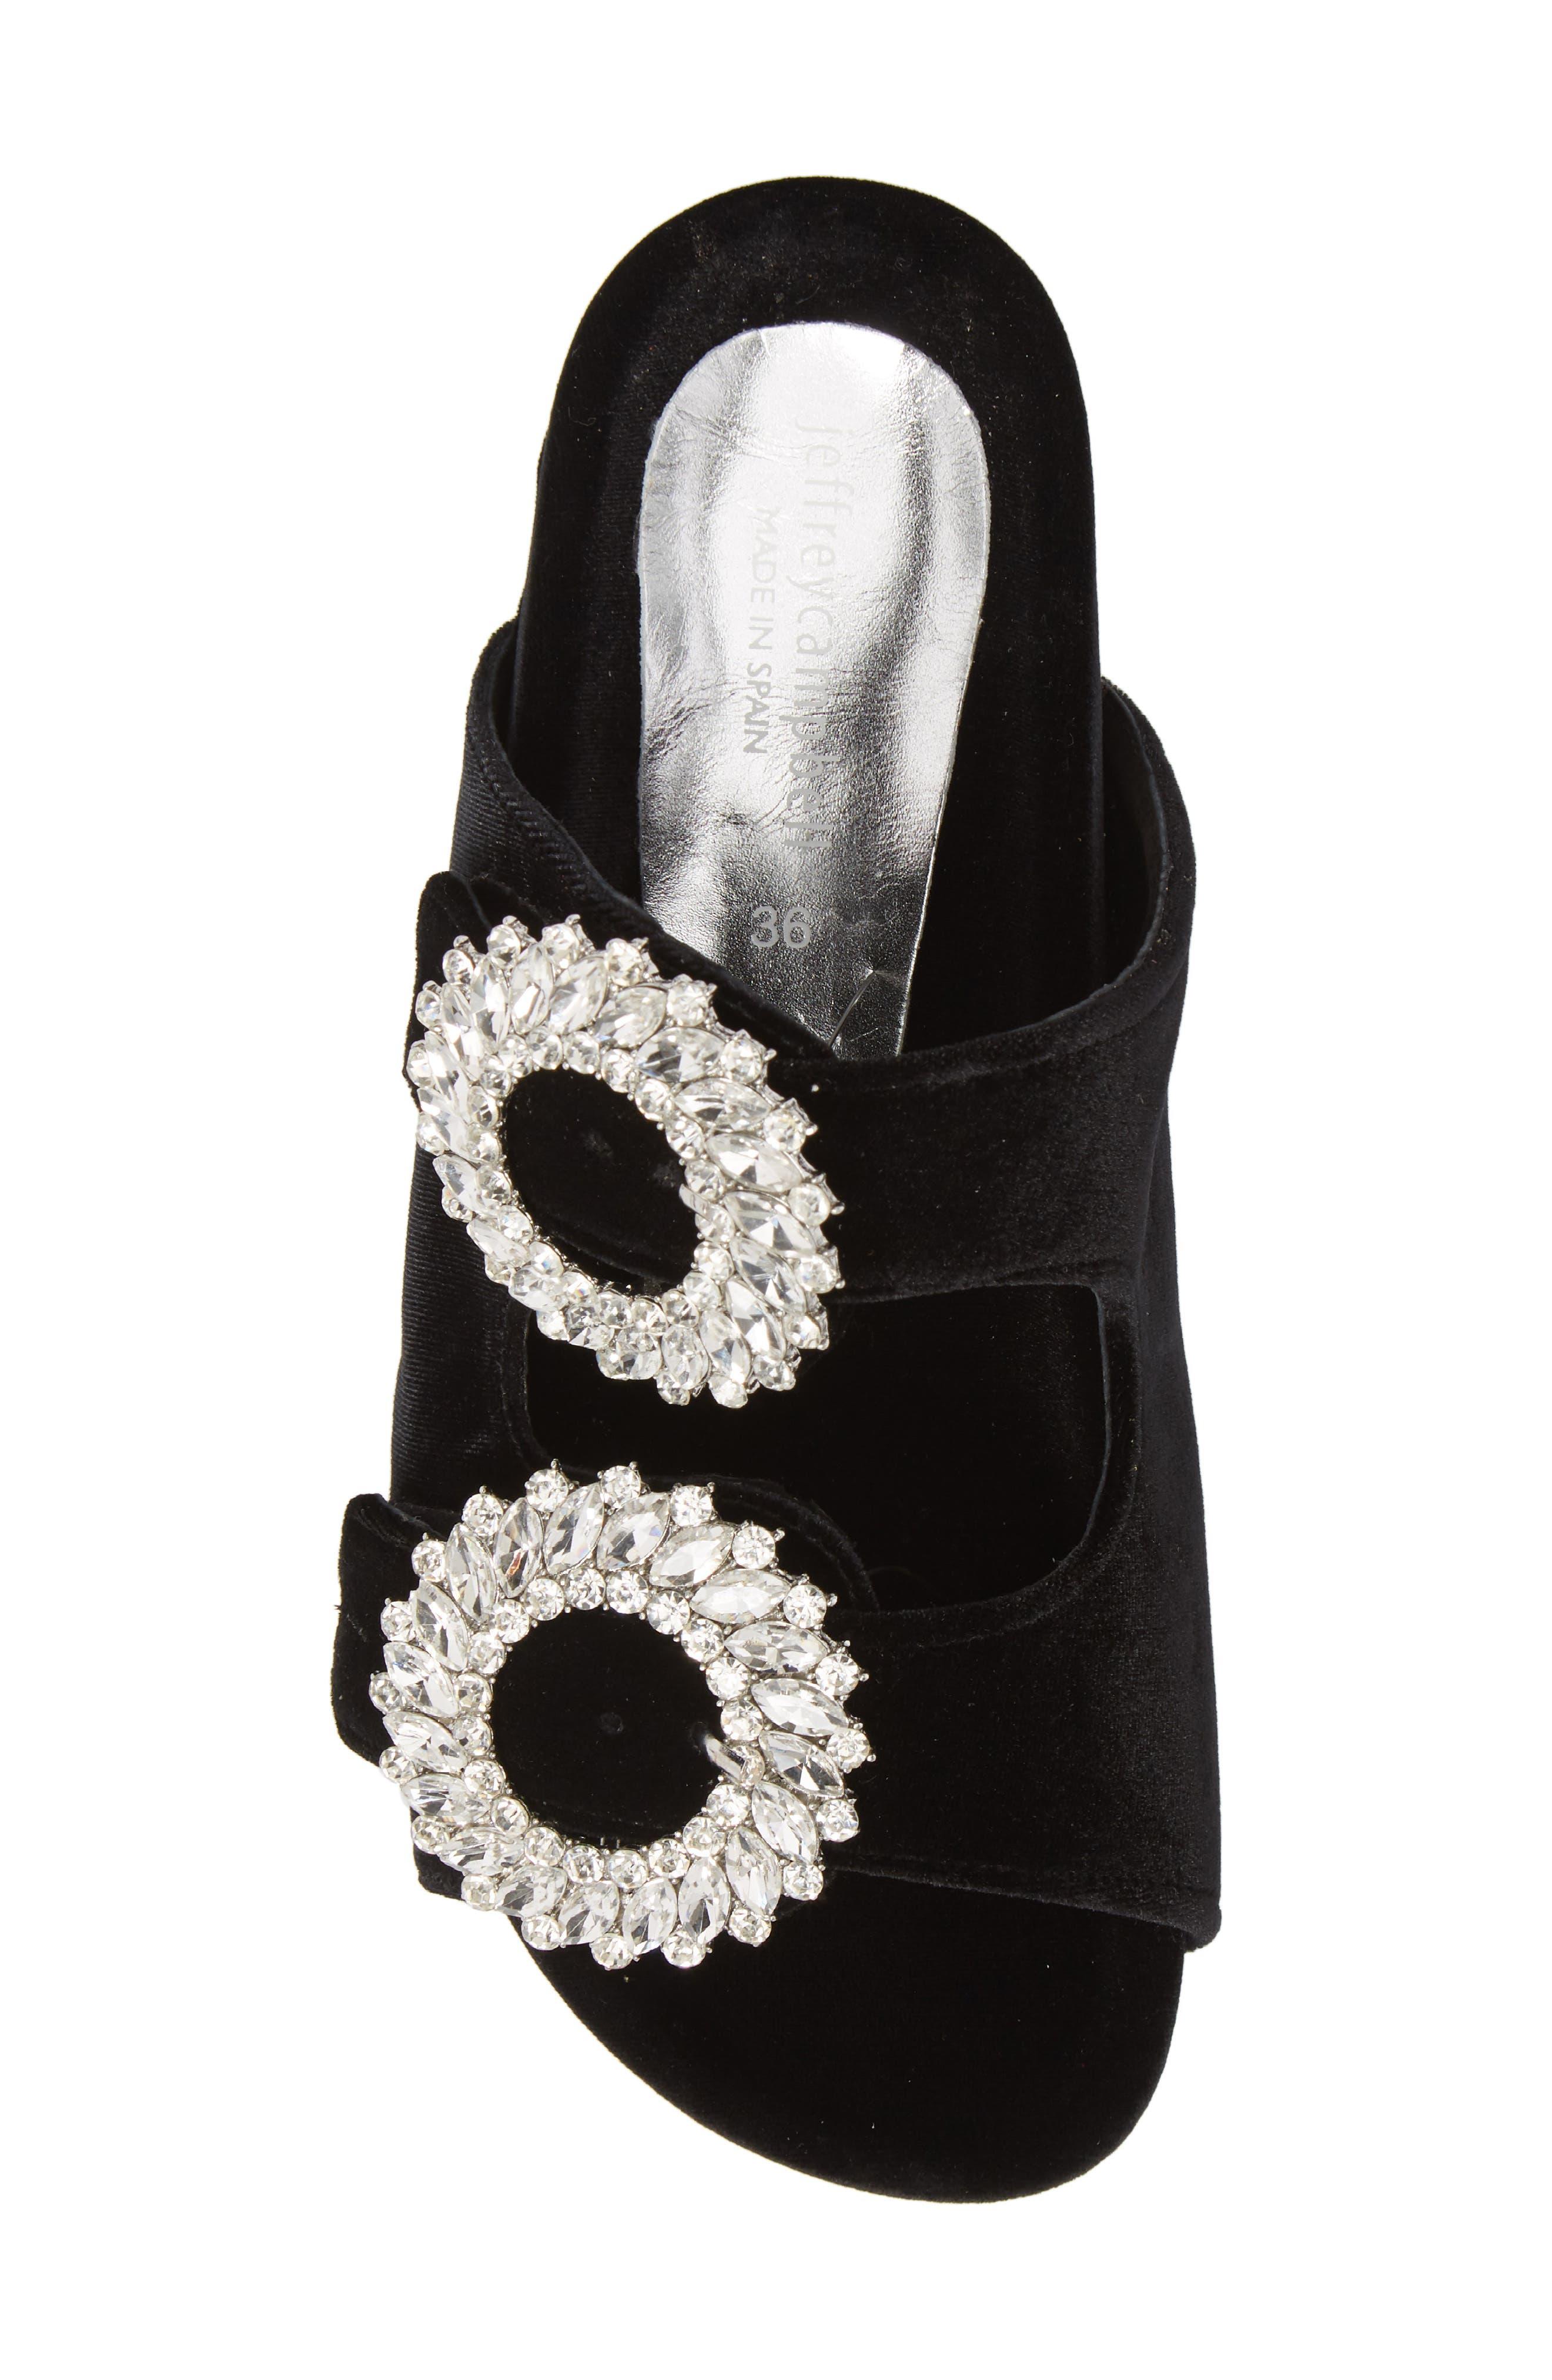 Izaro Embellished Slide Sandal,                             Alternate thumbnail 5, color,                             Black Velvet/ Silver